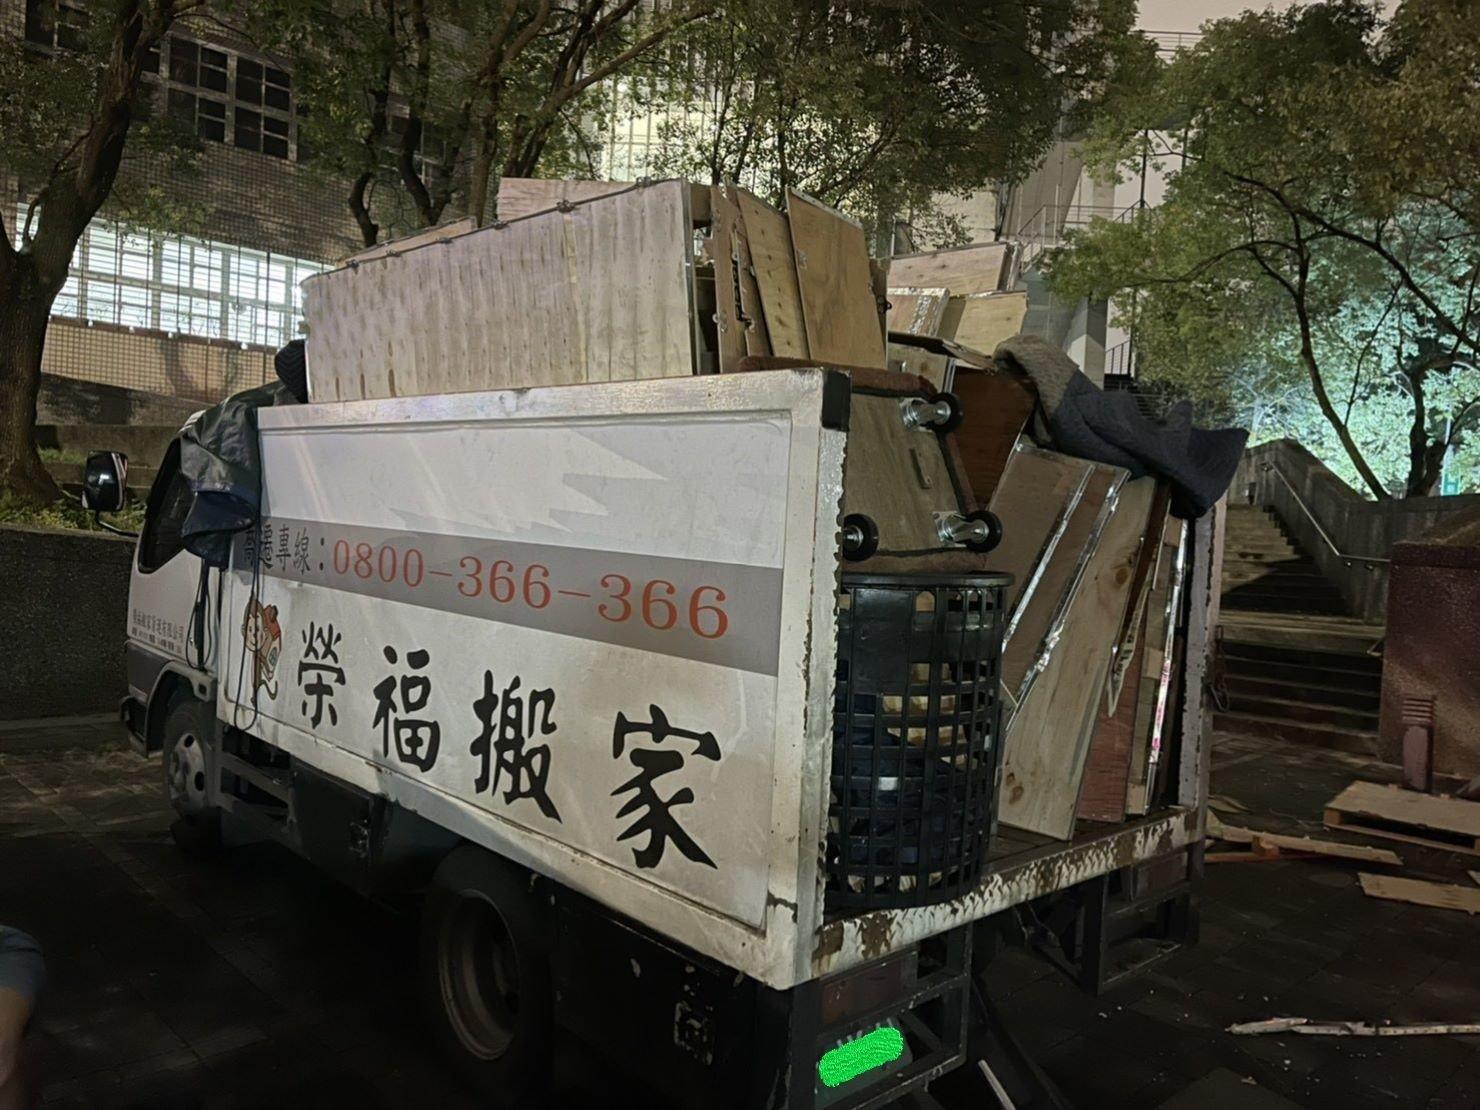 搬家公司推薦、新北搬家推薦【榮福搬家公司】南港搬家、桃園搬家公司推薦、台北搬家公司推薦、廢棄物回收處理清運、搬垃圾處理、廢棄物清運、廢棄物處理、搬運廢棄物、家具垃圾處理、清運、搬家具、冰箱搬運、基隆搬家、搬家電、床墊搬運、搬衣櫃、搬大型家具、搬公司行號、廠房搬遷、家庭搬家、搬鋼琴、搬工、搬運、搬家紙箱,針對顧客都秉持以用心實在專業搬家技巧,搬家實在用心值得您的信賴與選擇。歡迎來電咨詢02-2651-2727,榮福搬家有專員立即為您服務。